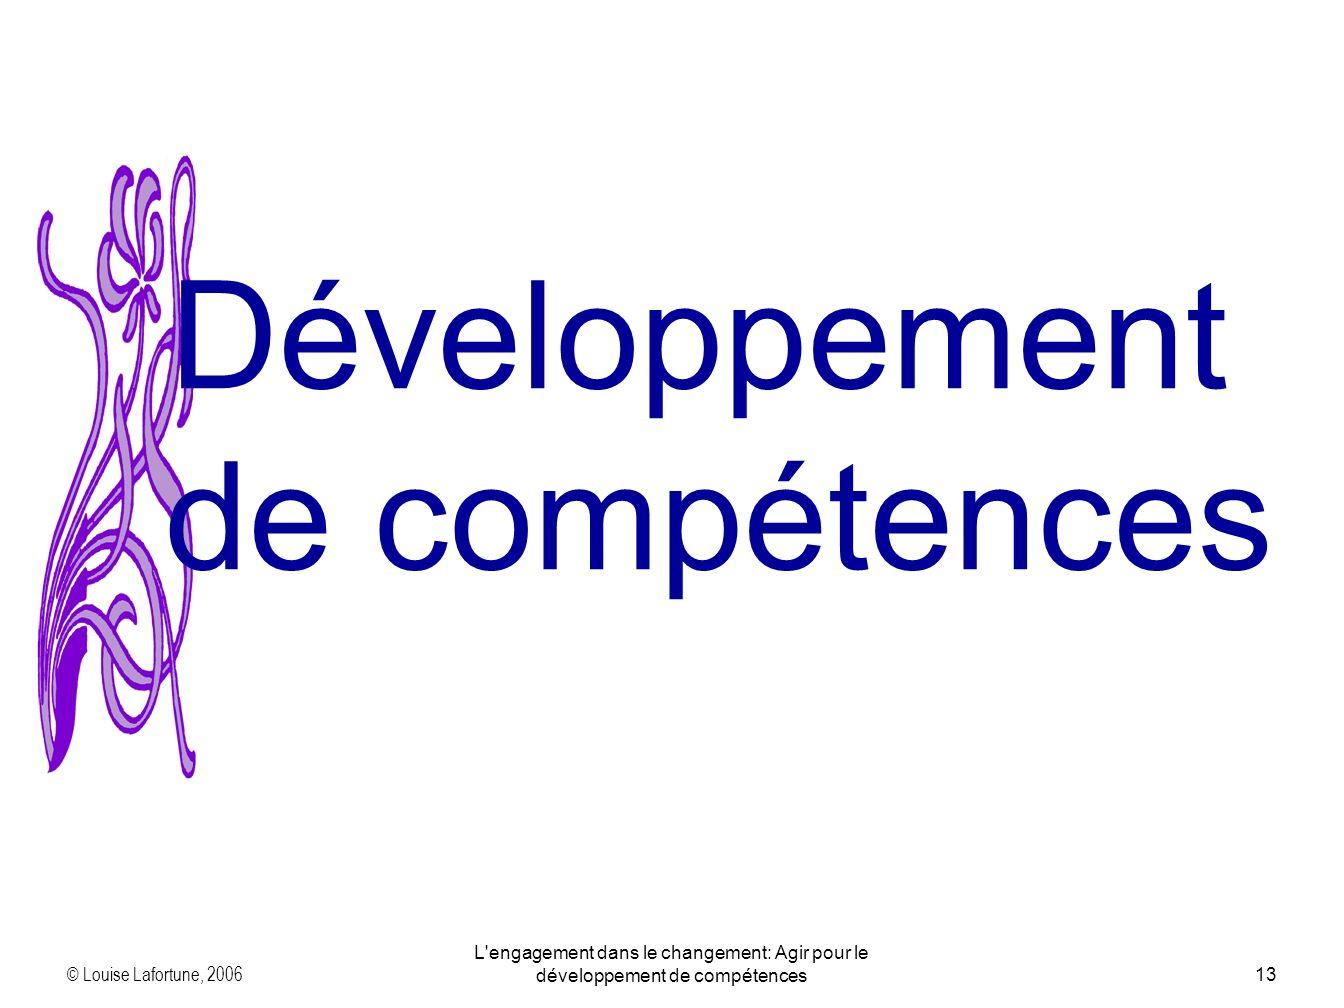 © Louise Lafortune, 2006 L'engagement dans le changement: Agir pour le développement de compétences13 Développement de compétences